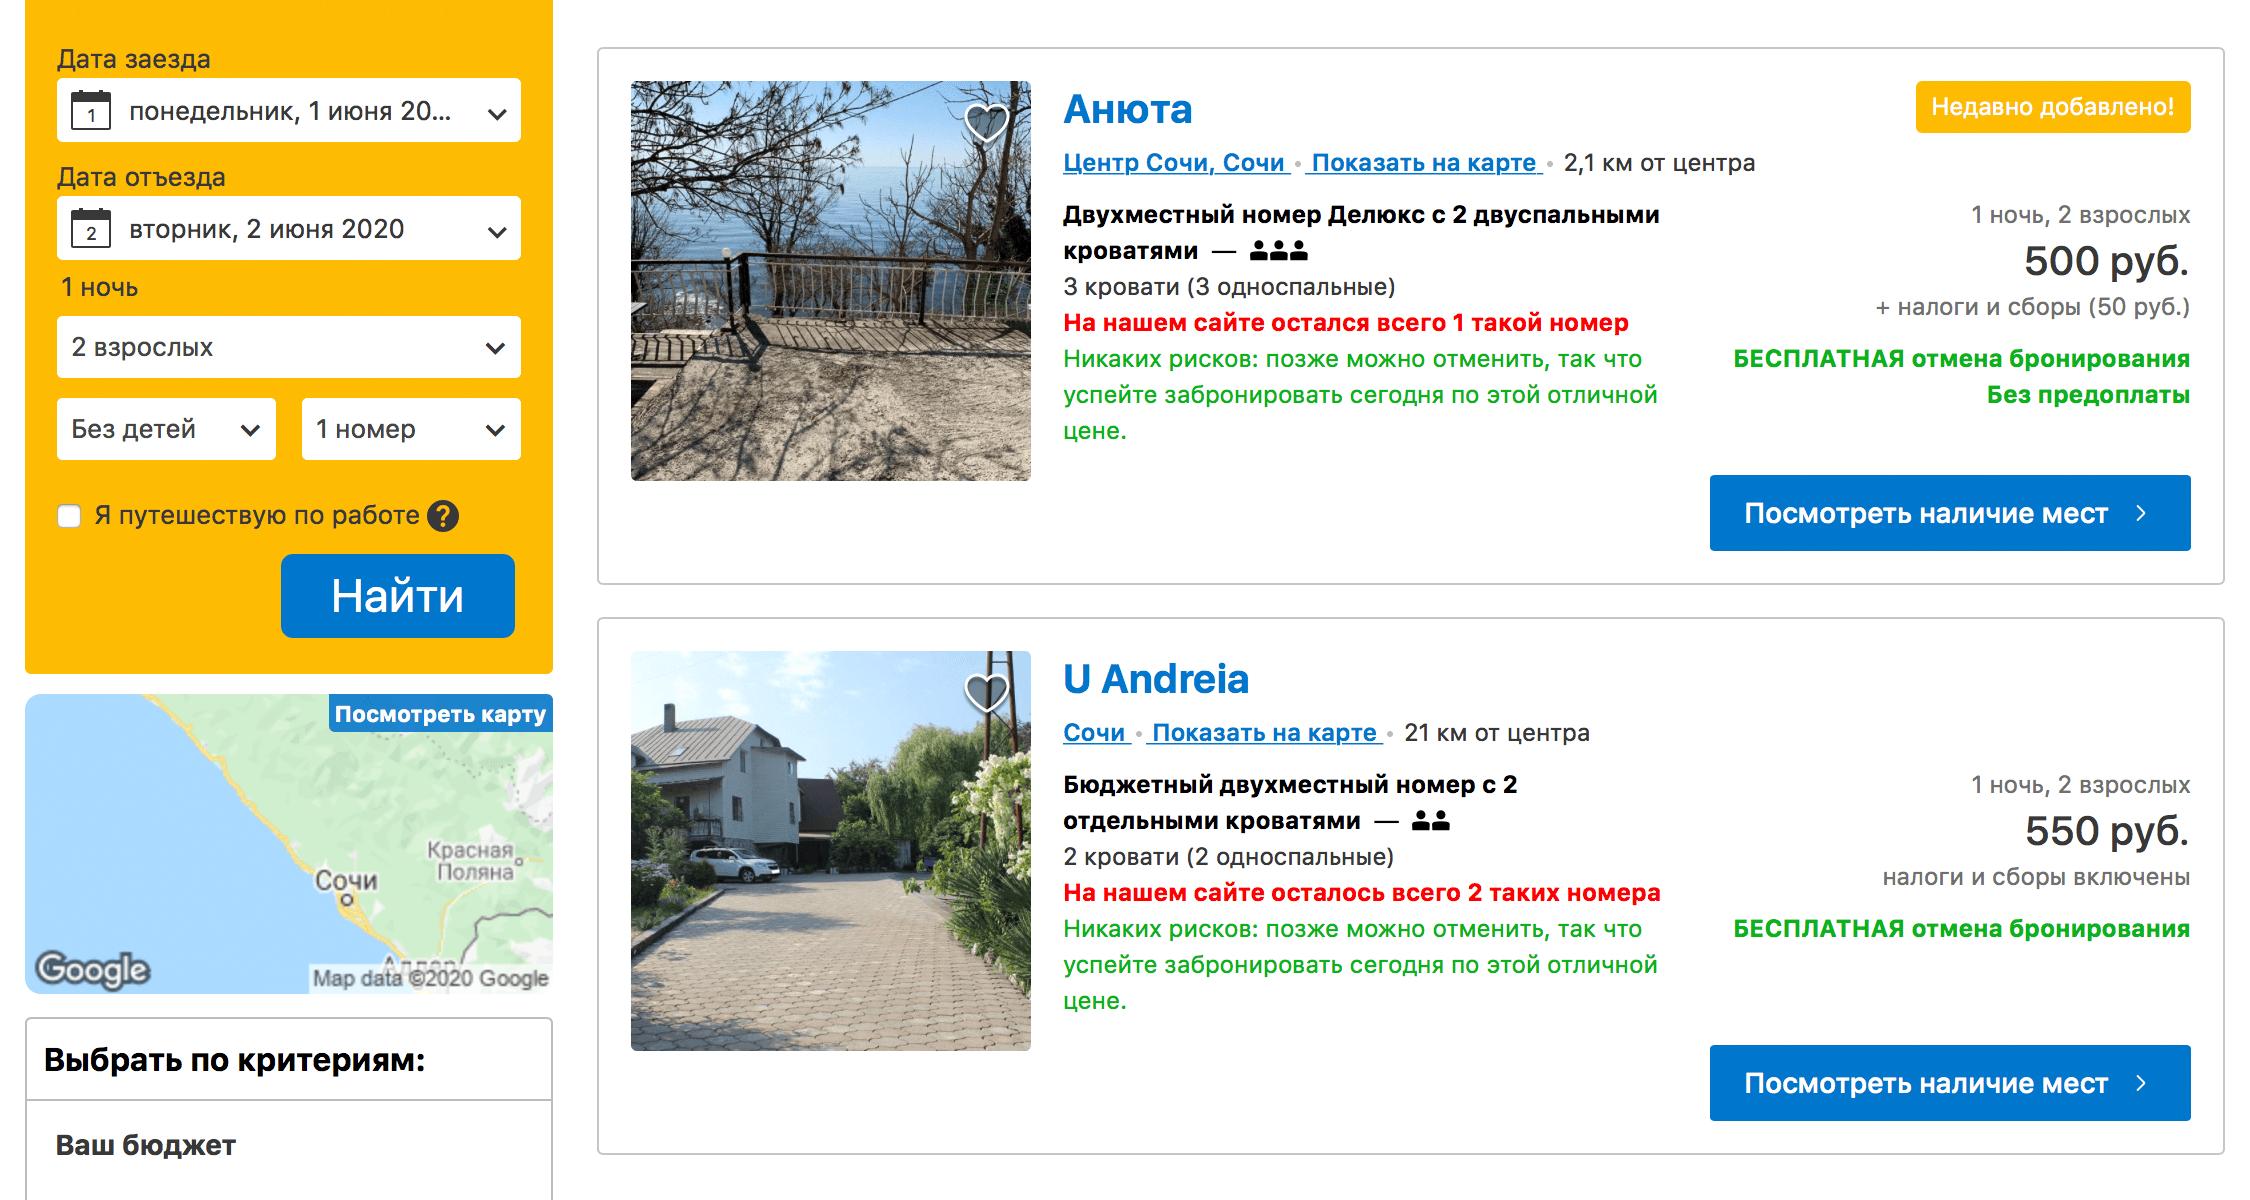 Стоимость номеров в Сочи в июне начинается от 500<span class=ruble>Р</span>